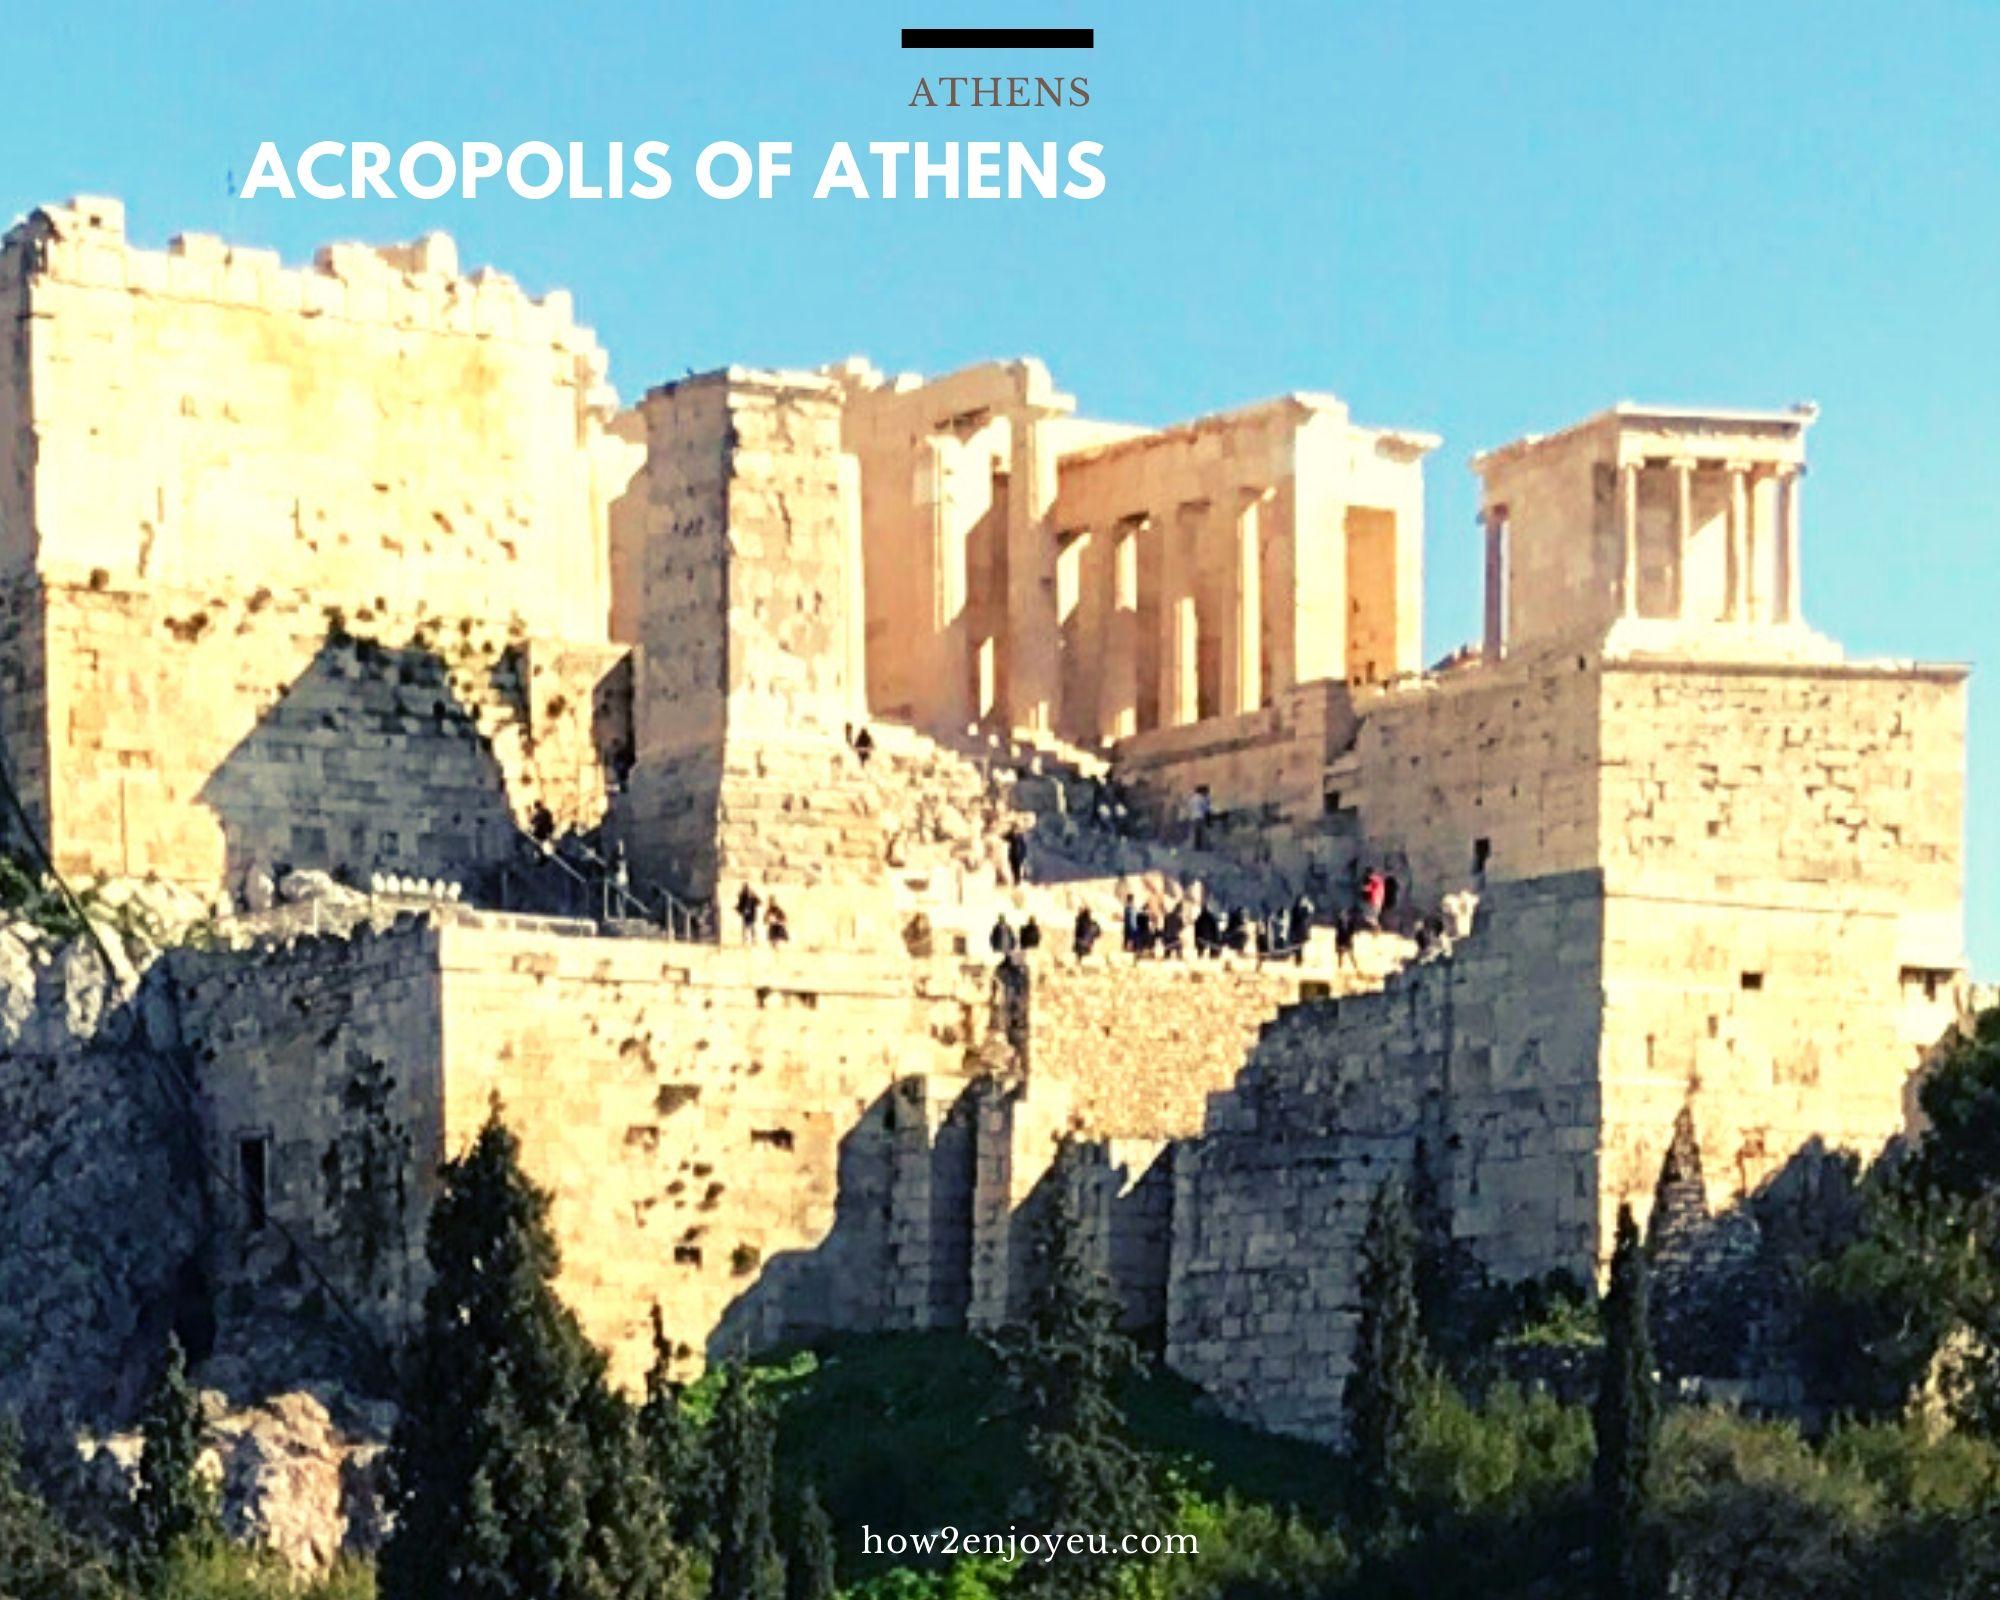 アテネ、アクロポリスを観るなら、混んでなくて安い冬場がオススメ?!